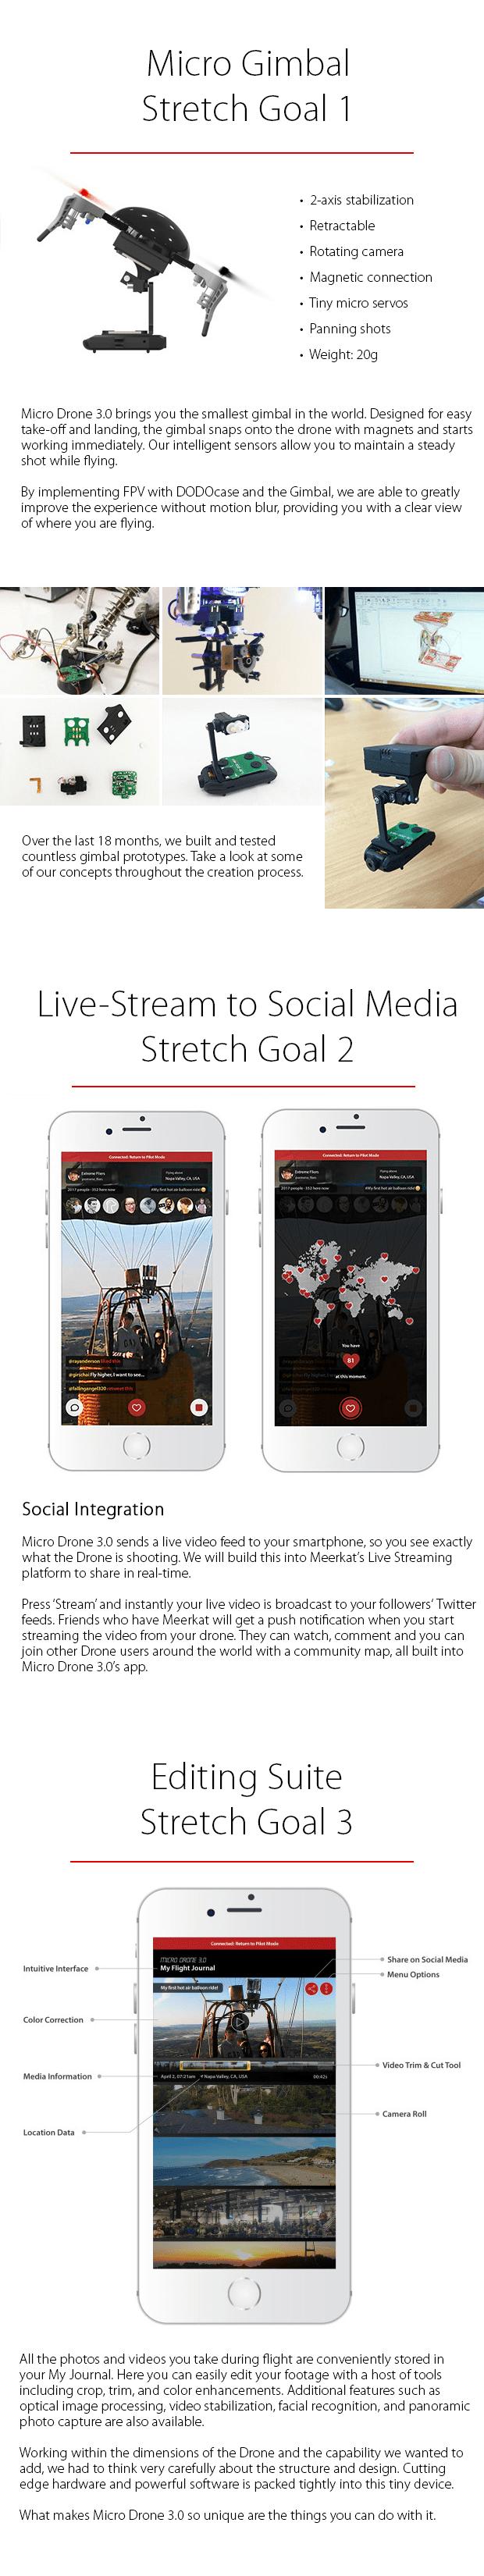 stretch-goals